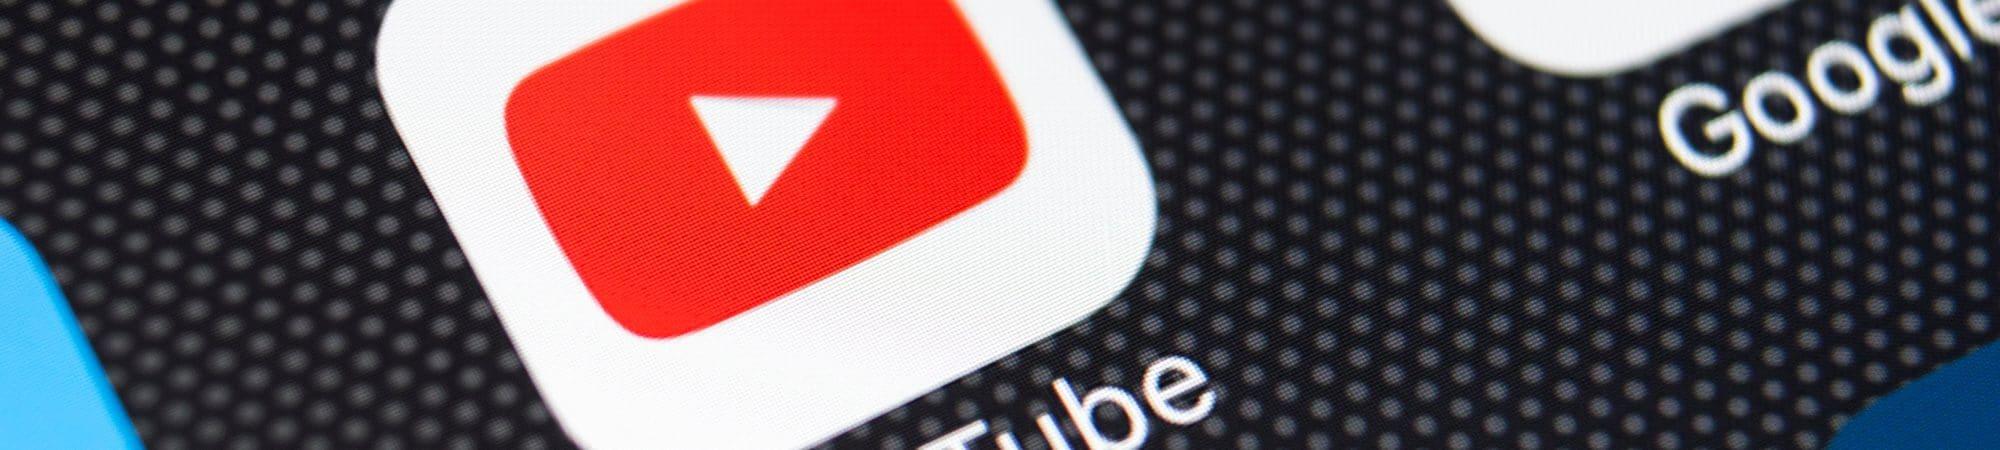 YouTube para Android agora permite exibição de vídeos em 4K em telas de baixa resolução